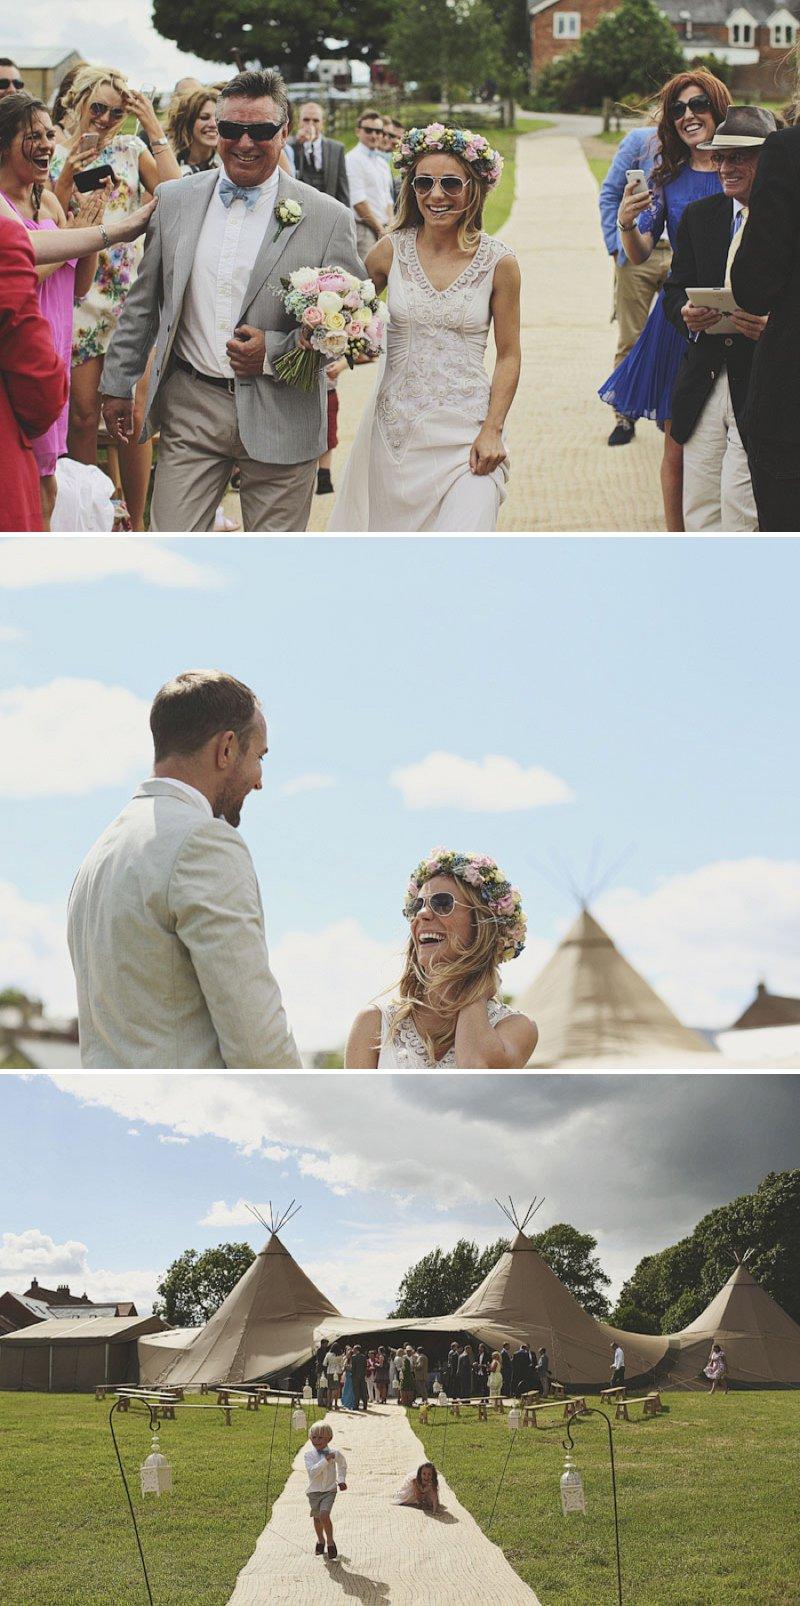 Elegant Papakata Teepee Wedding In Yorkshire 3